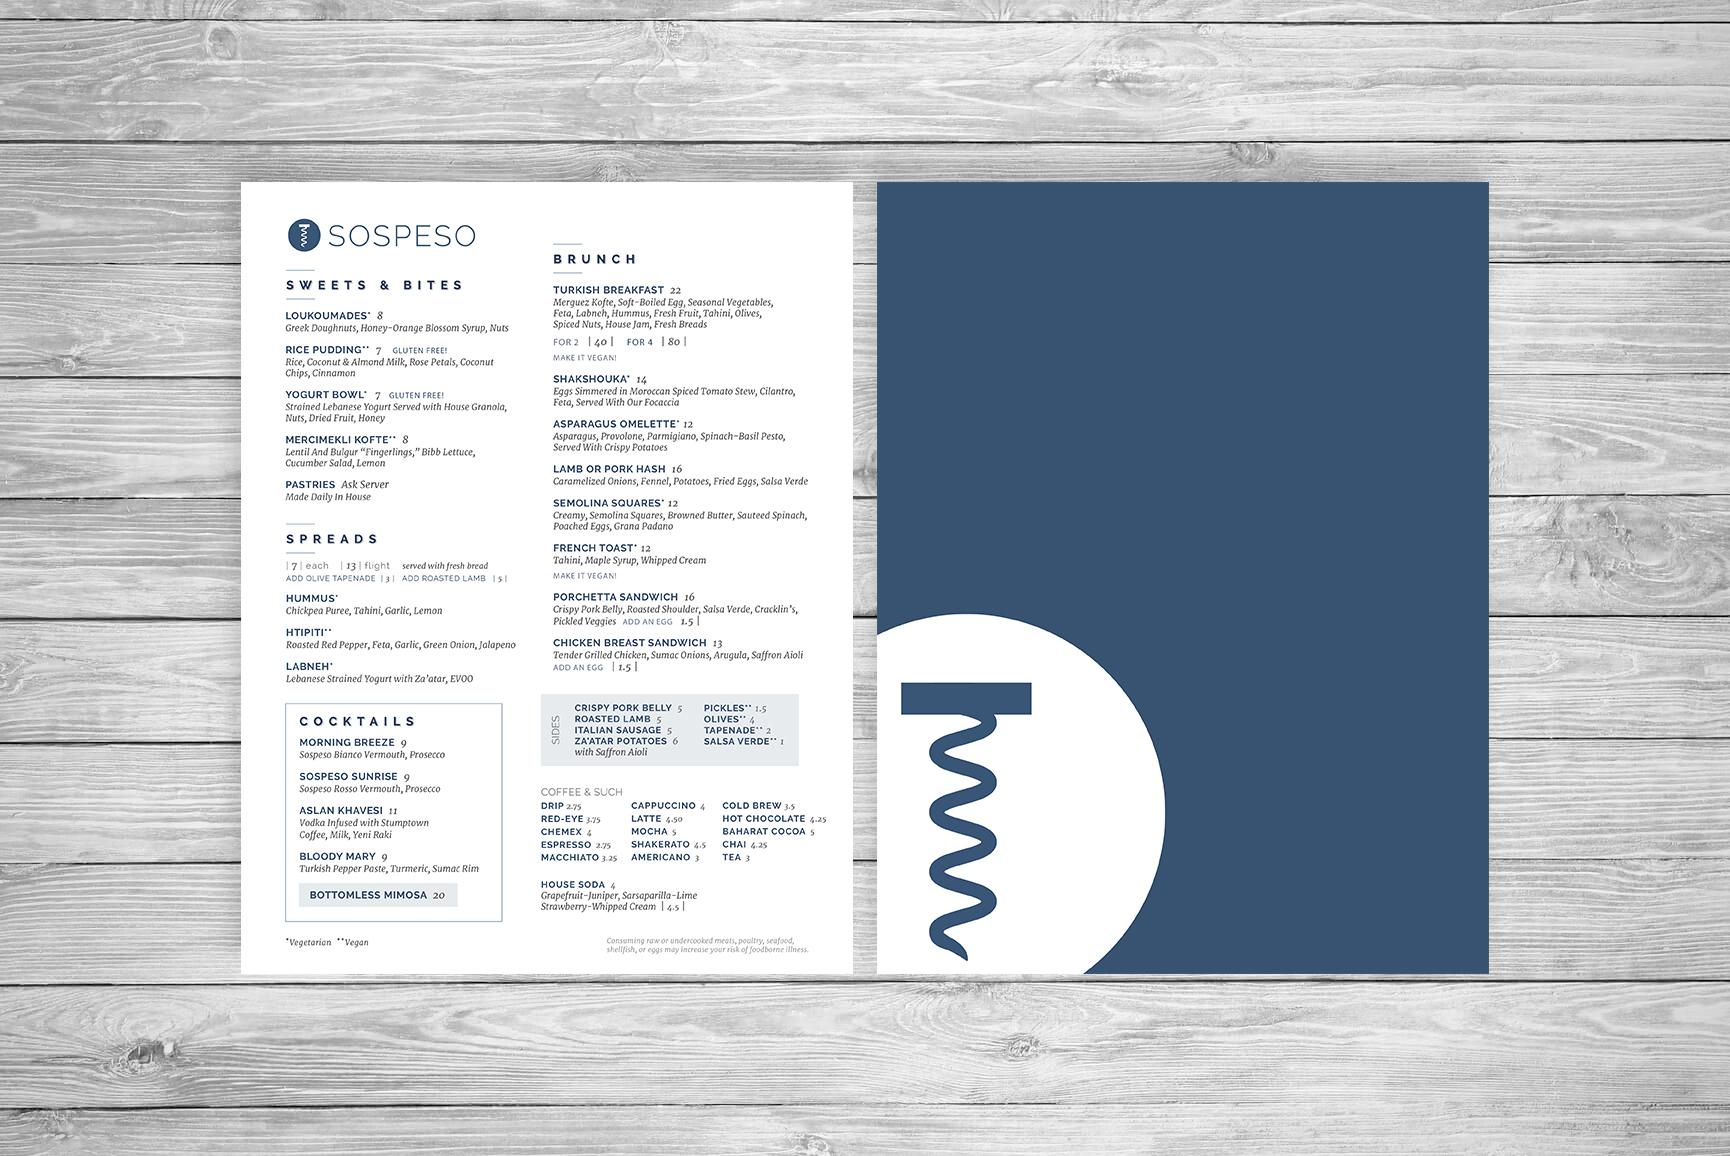 wood_background_sospeso_menus.jpg